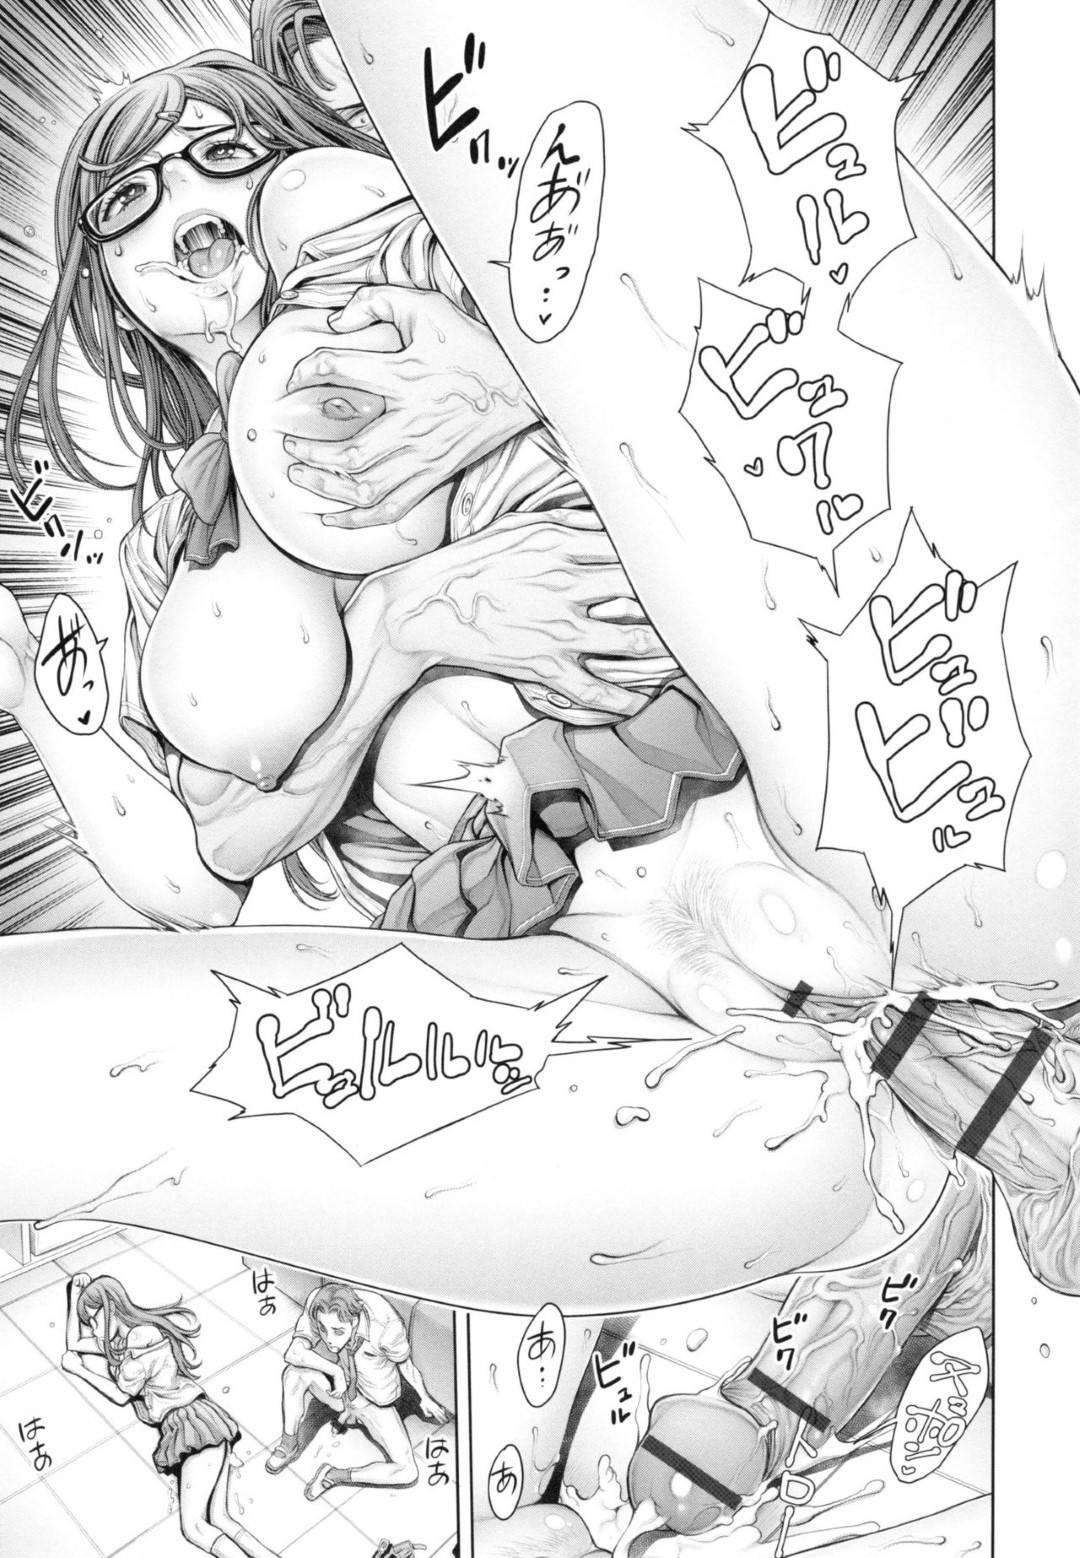 【エロ同人誌】クラスメイトの男子に自作のBL漫画を見られてしまい、口止めに性処理を求められた地味腐女子JK。自らご奉仕フェラしたあと乳首責めされながら激しく犯され生ハメ中出しセックスしてイッてしまう【オリジナル】